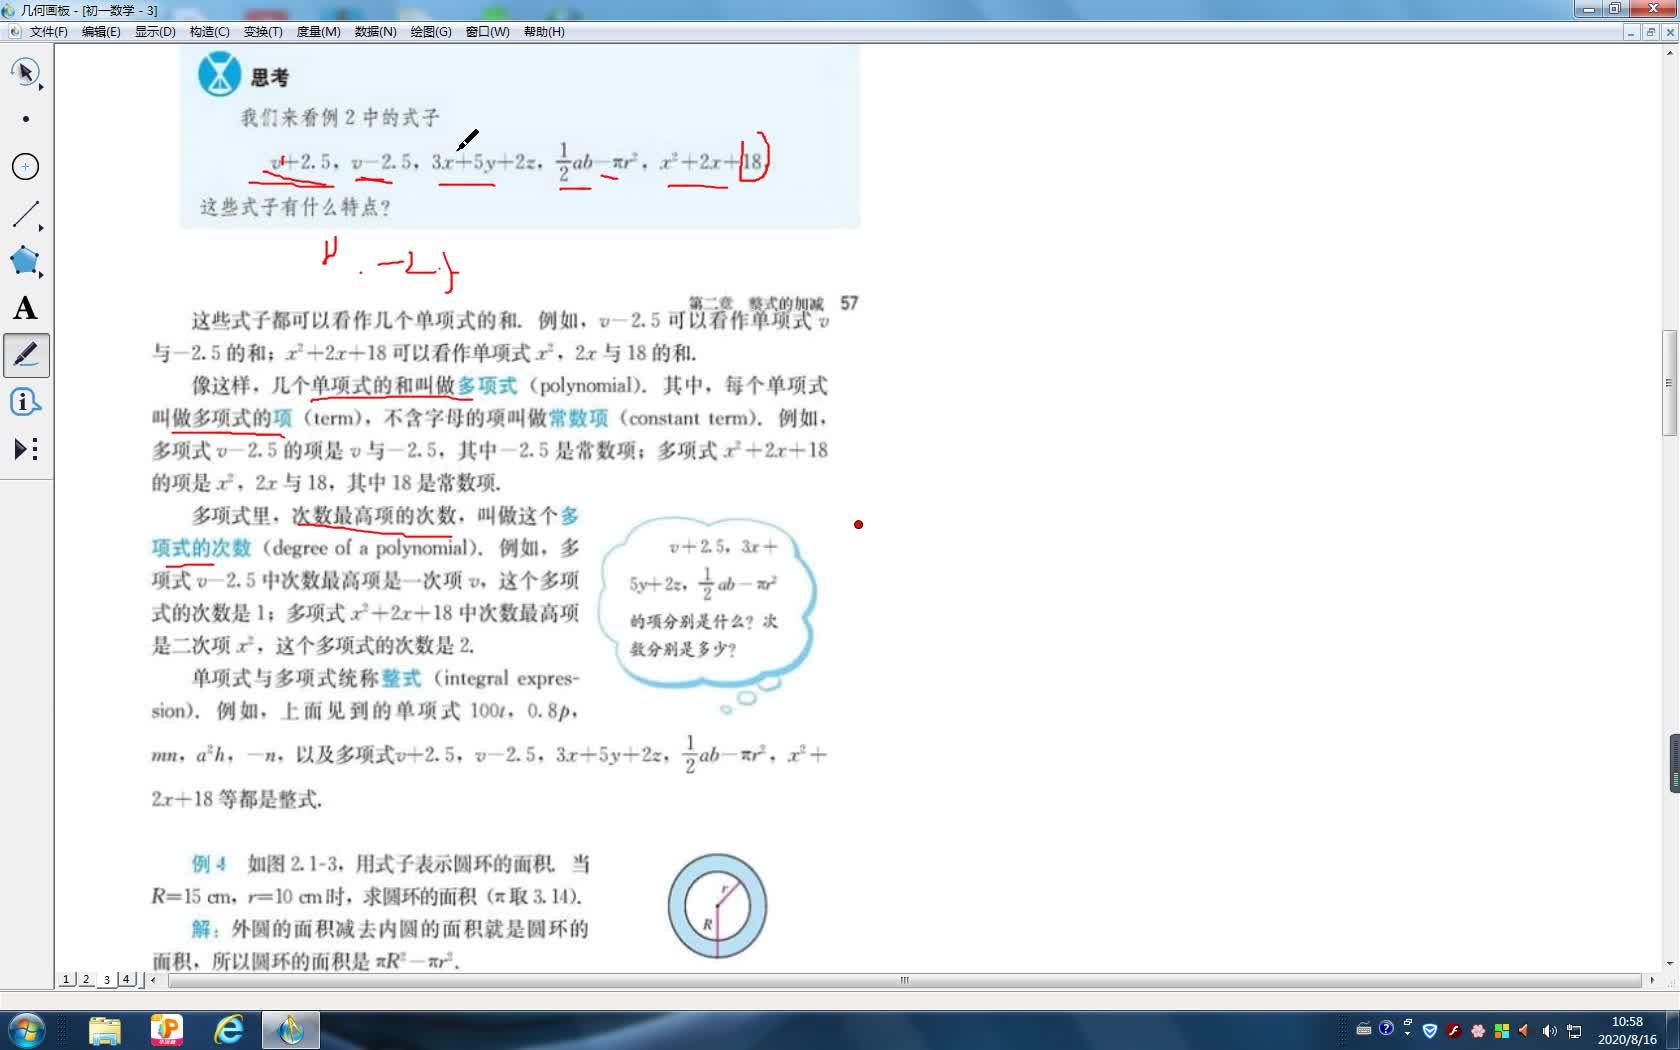 2.1整 式(3)[来自e网通极速客户端]人教版七年级上册  2.1整 式(3) 视频讲解人教版七年级上册  2.1整 式(3) 视频讲解